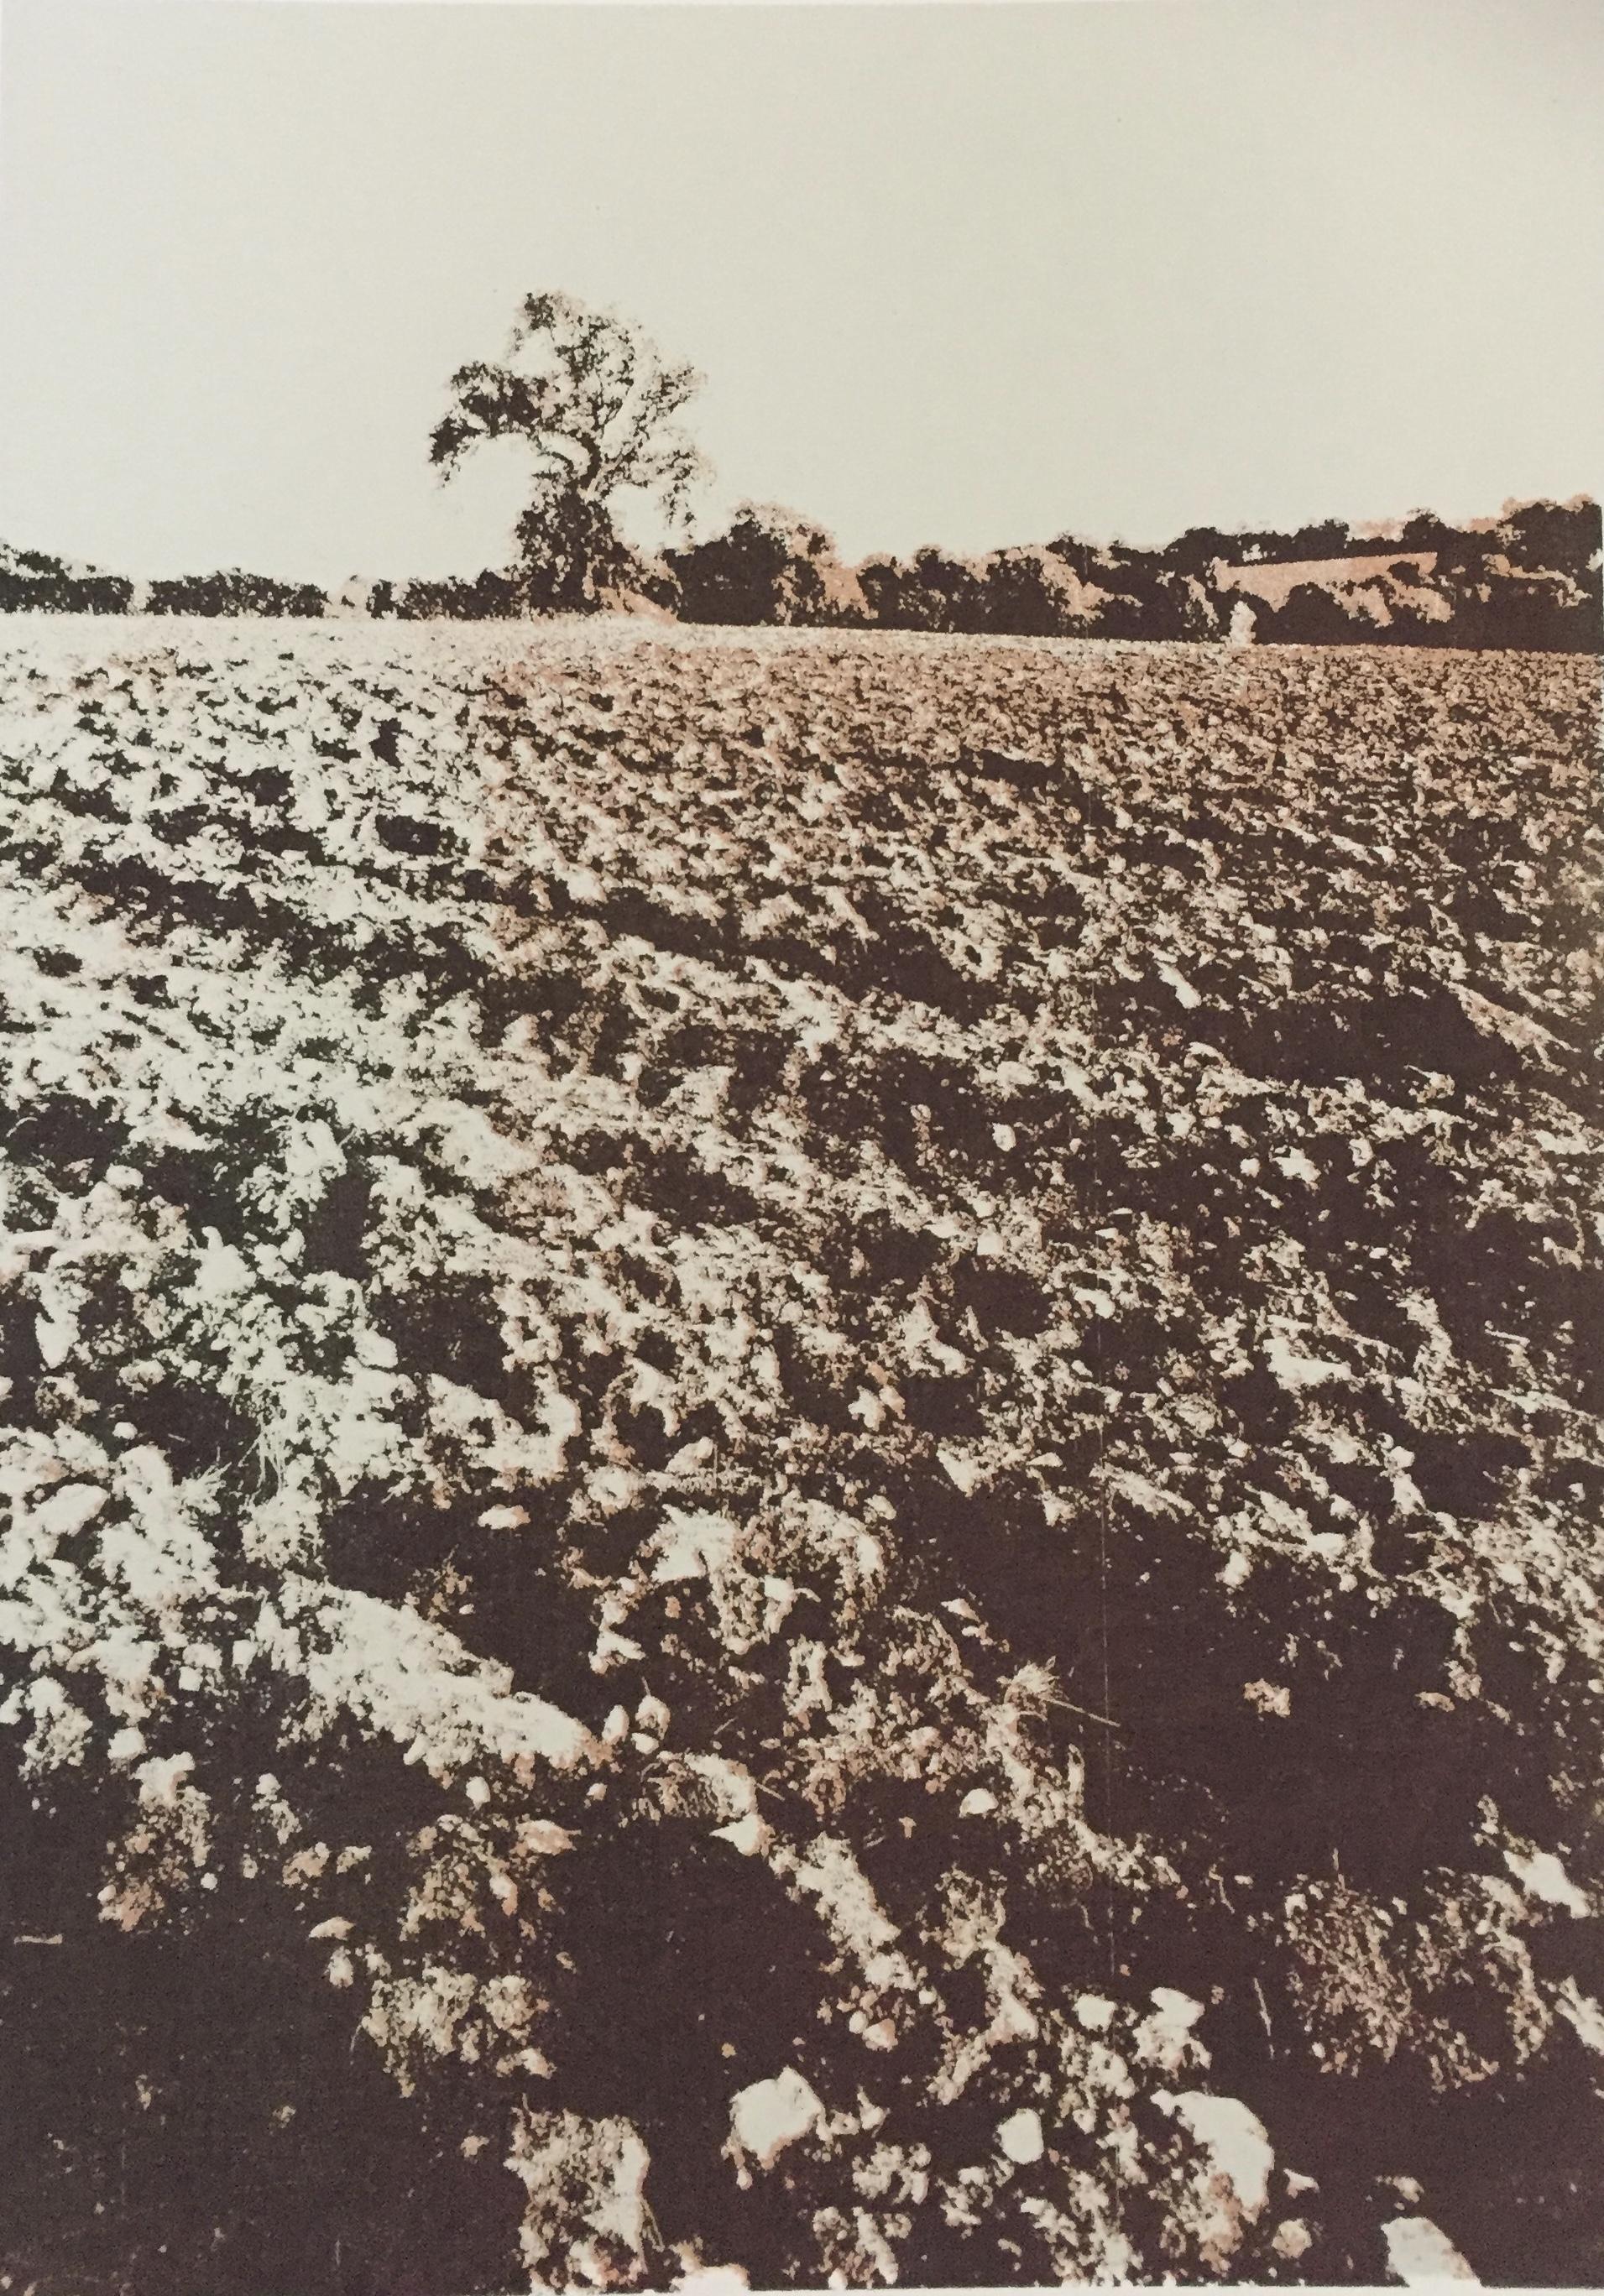 Oxfordshire field